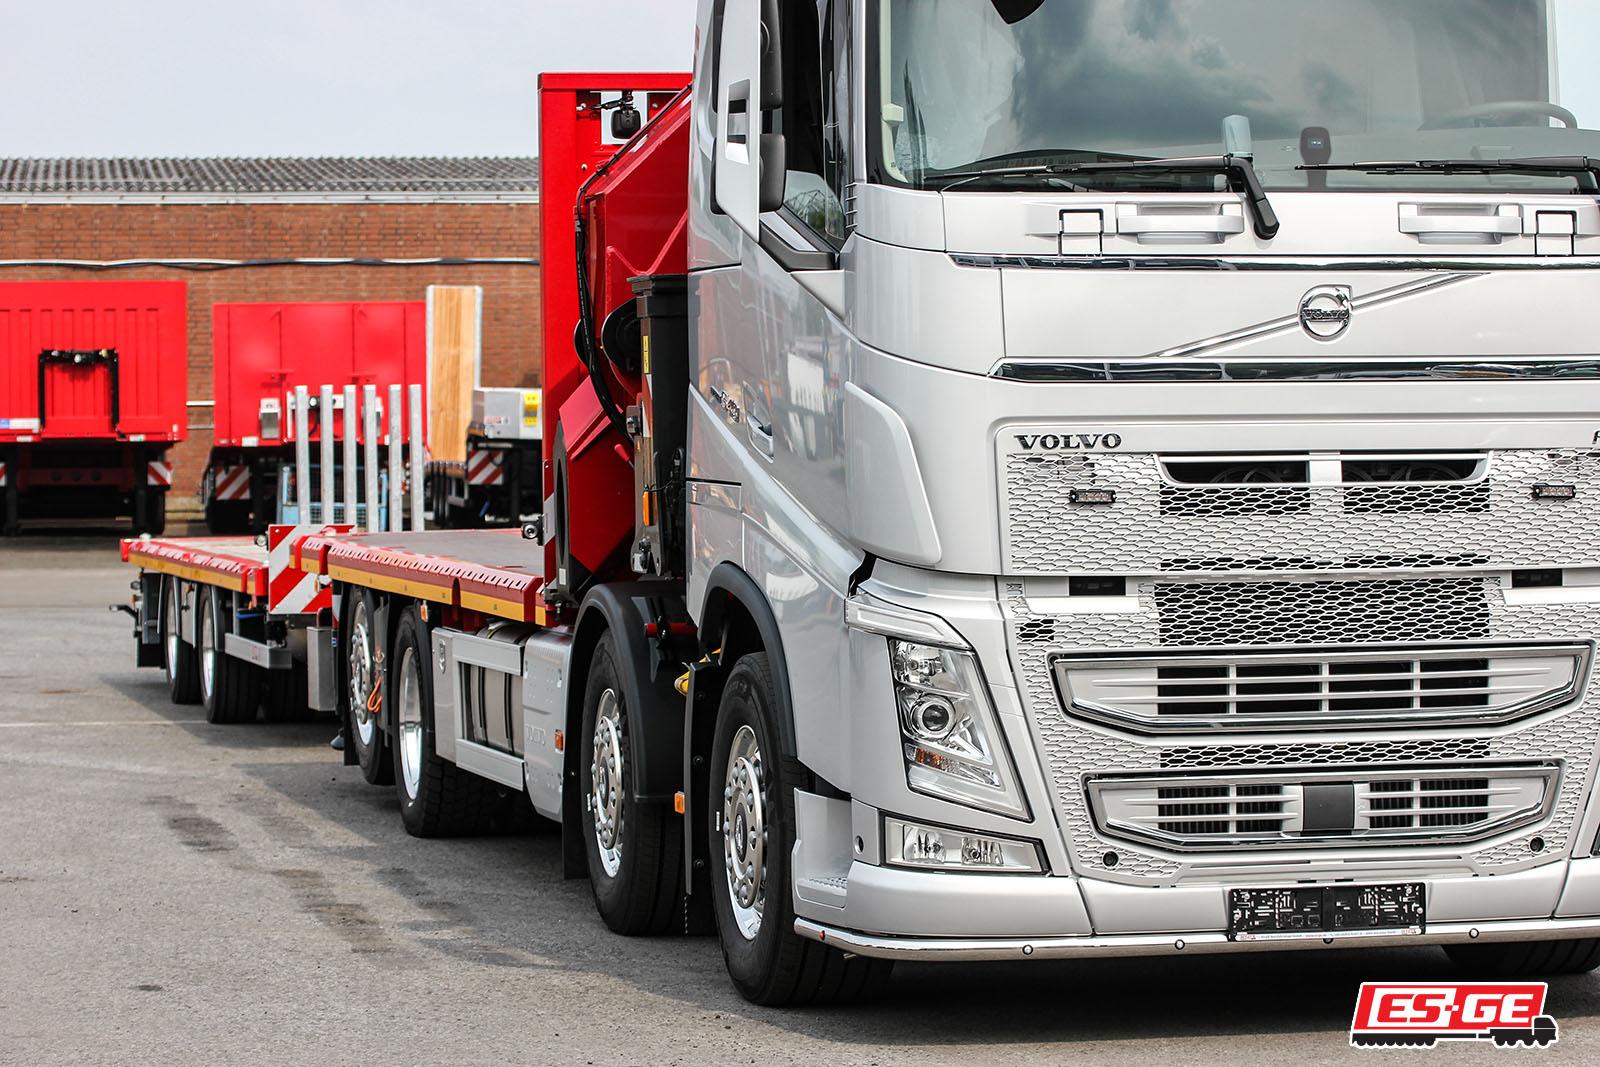 Referenzen-ES-GE-Rothmund-Volvo-LKW-MKG-Ladekran-ES-GE-Anhänger3